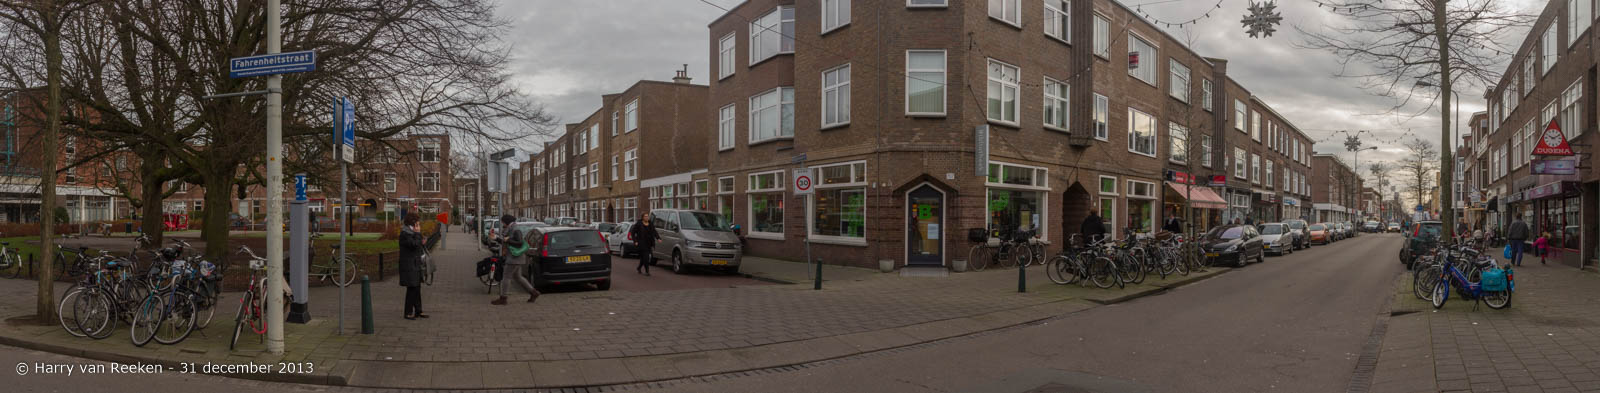 Fahrenheitstraat-Cypresstraat-Pano